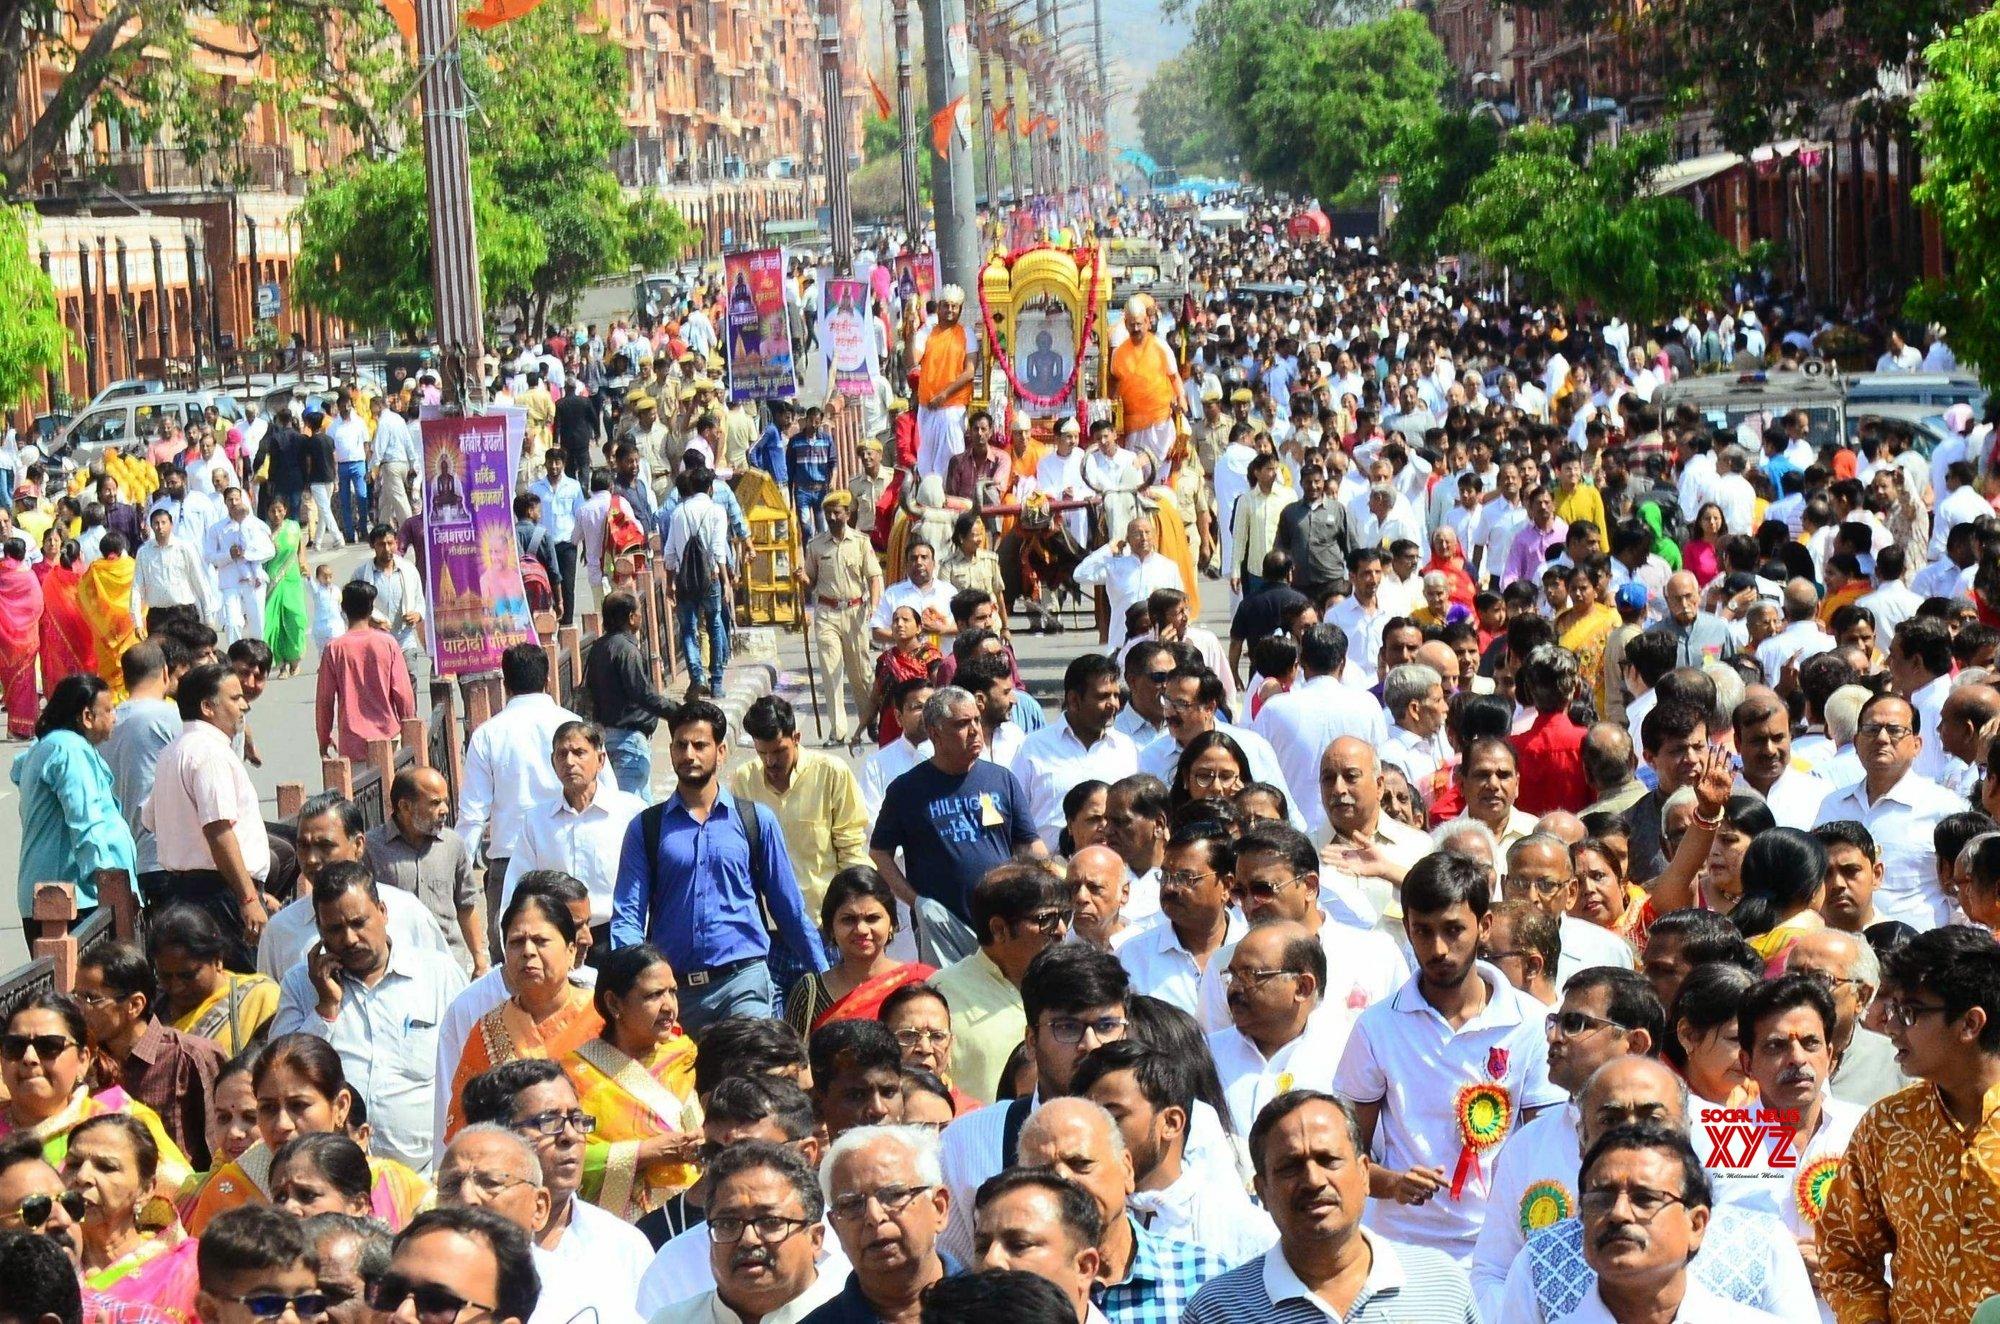 Jaipur: Mahavir Jayanti - Devotees during 'Shobha Yatra' #Gallery